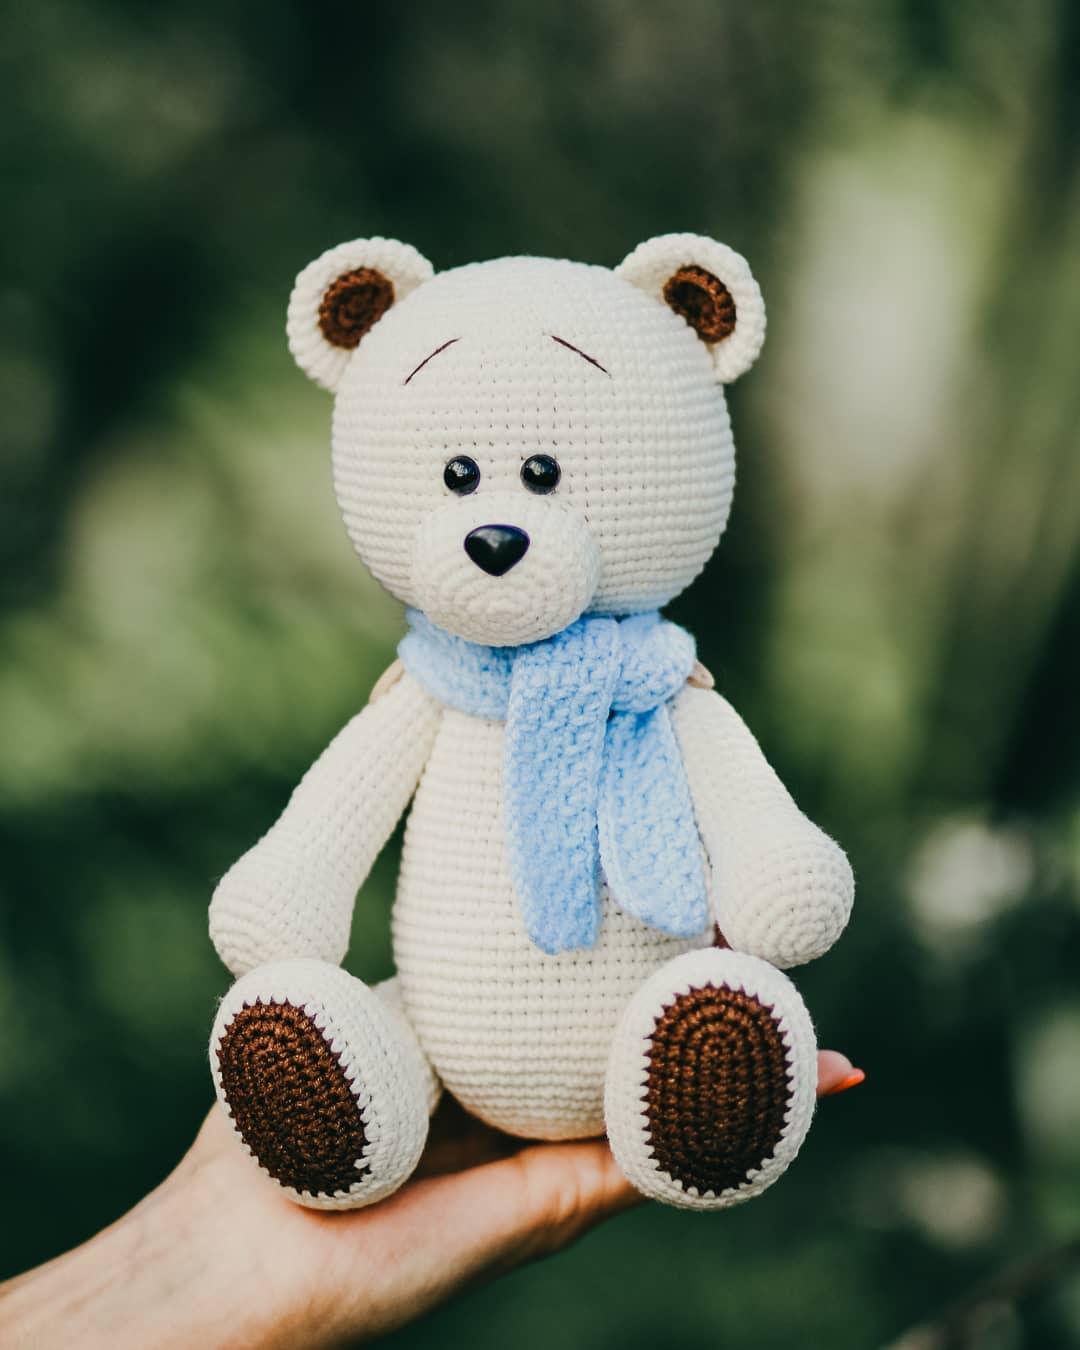 Large Crocheted Teddy Bear - Free Pattern - PDF Download | Crochet ... | 1350x1080